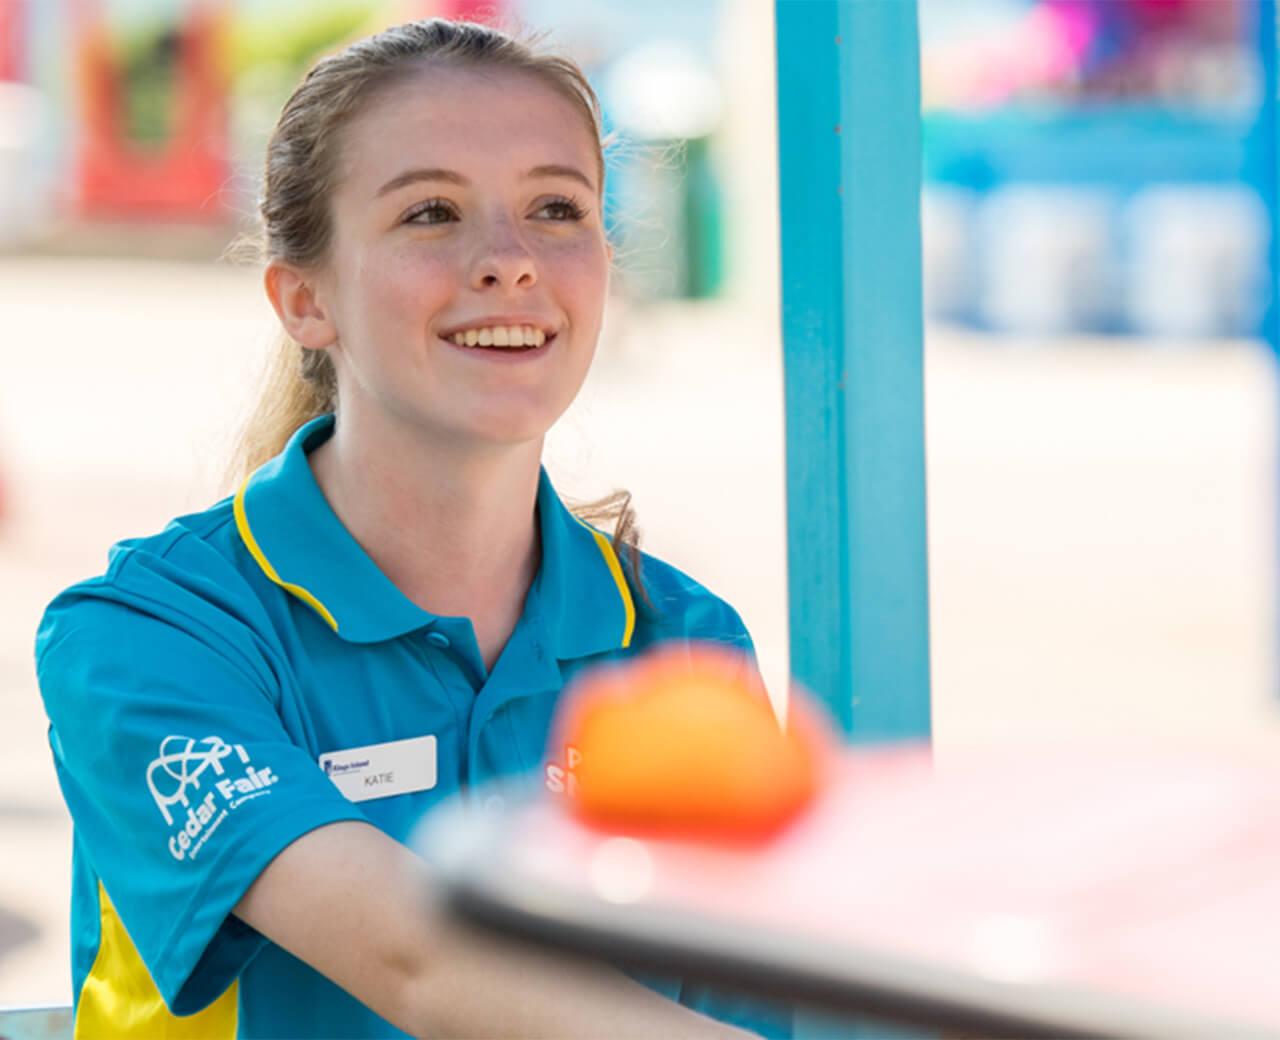 Cedar Fair employee smiling in their amusement park